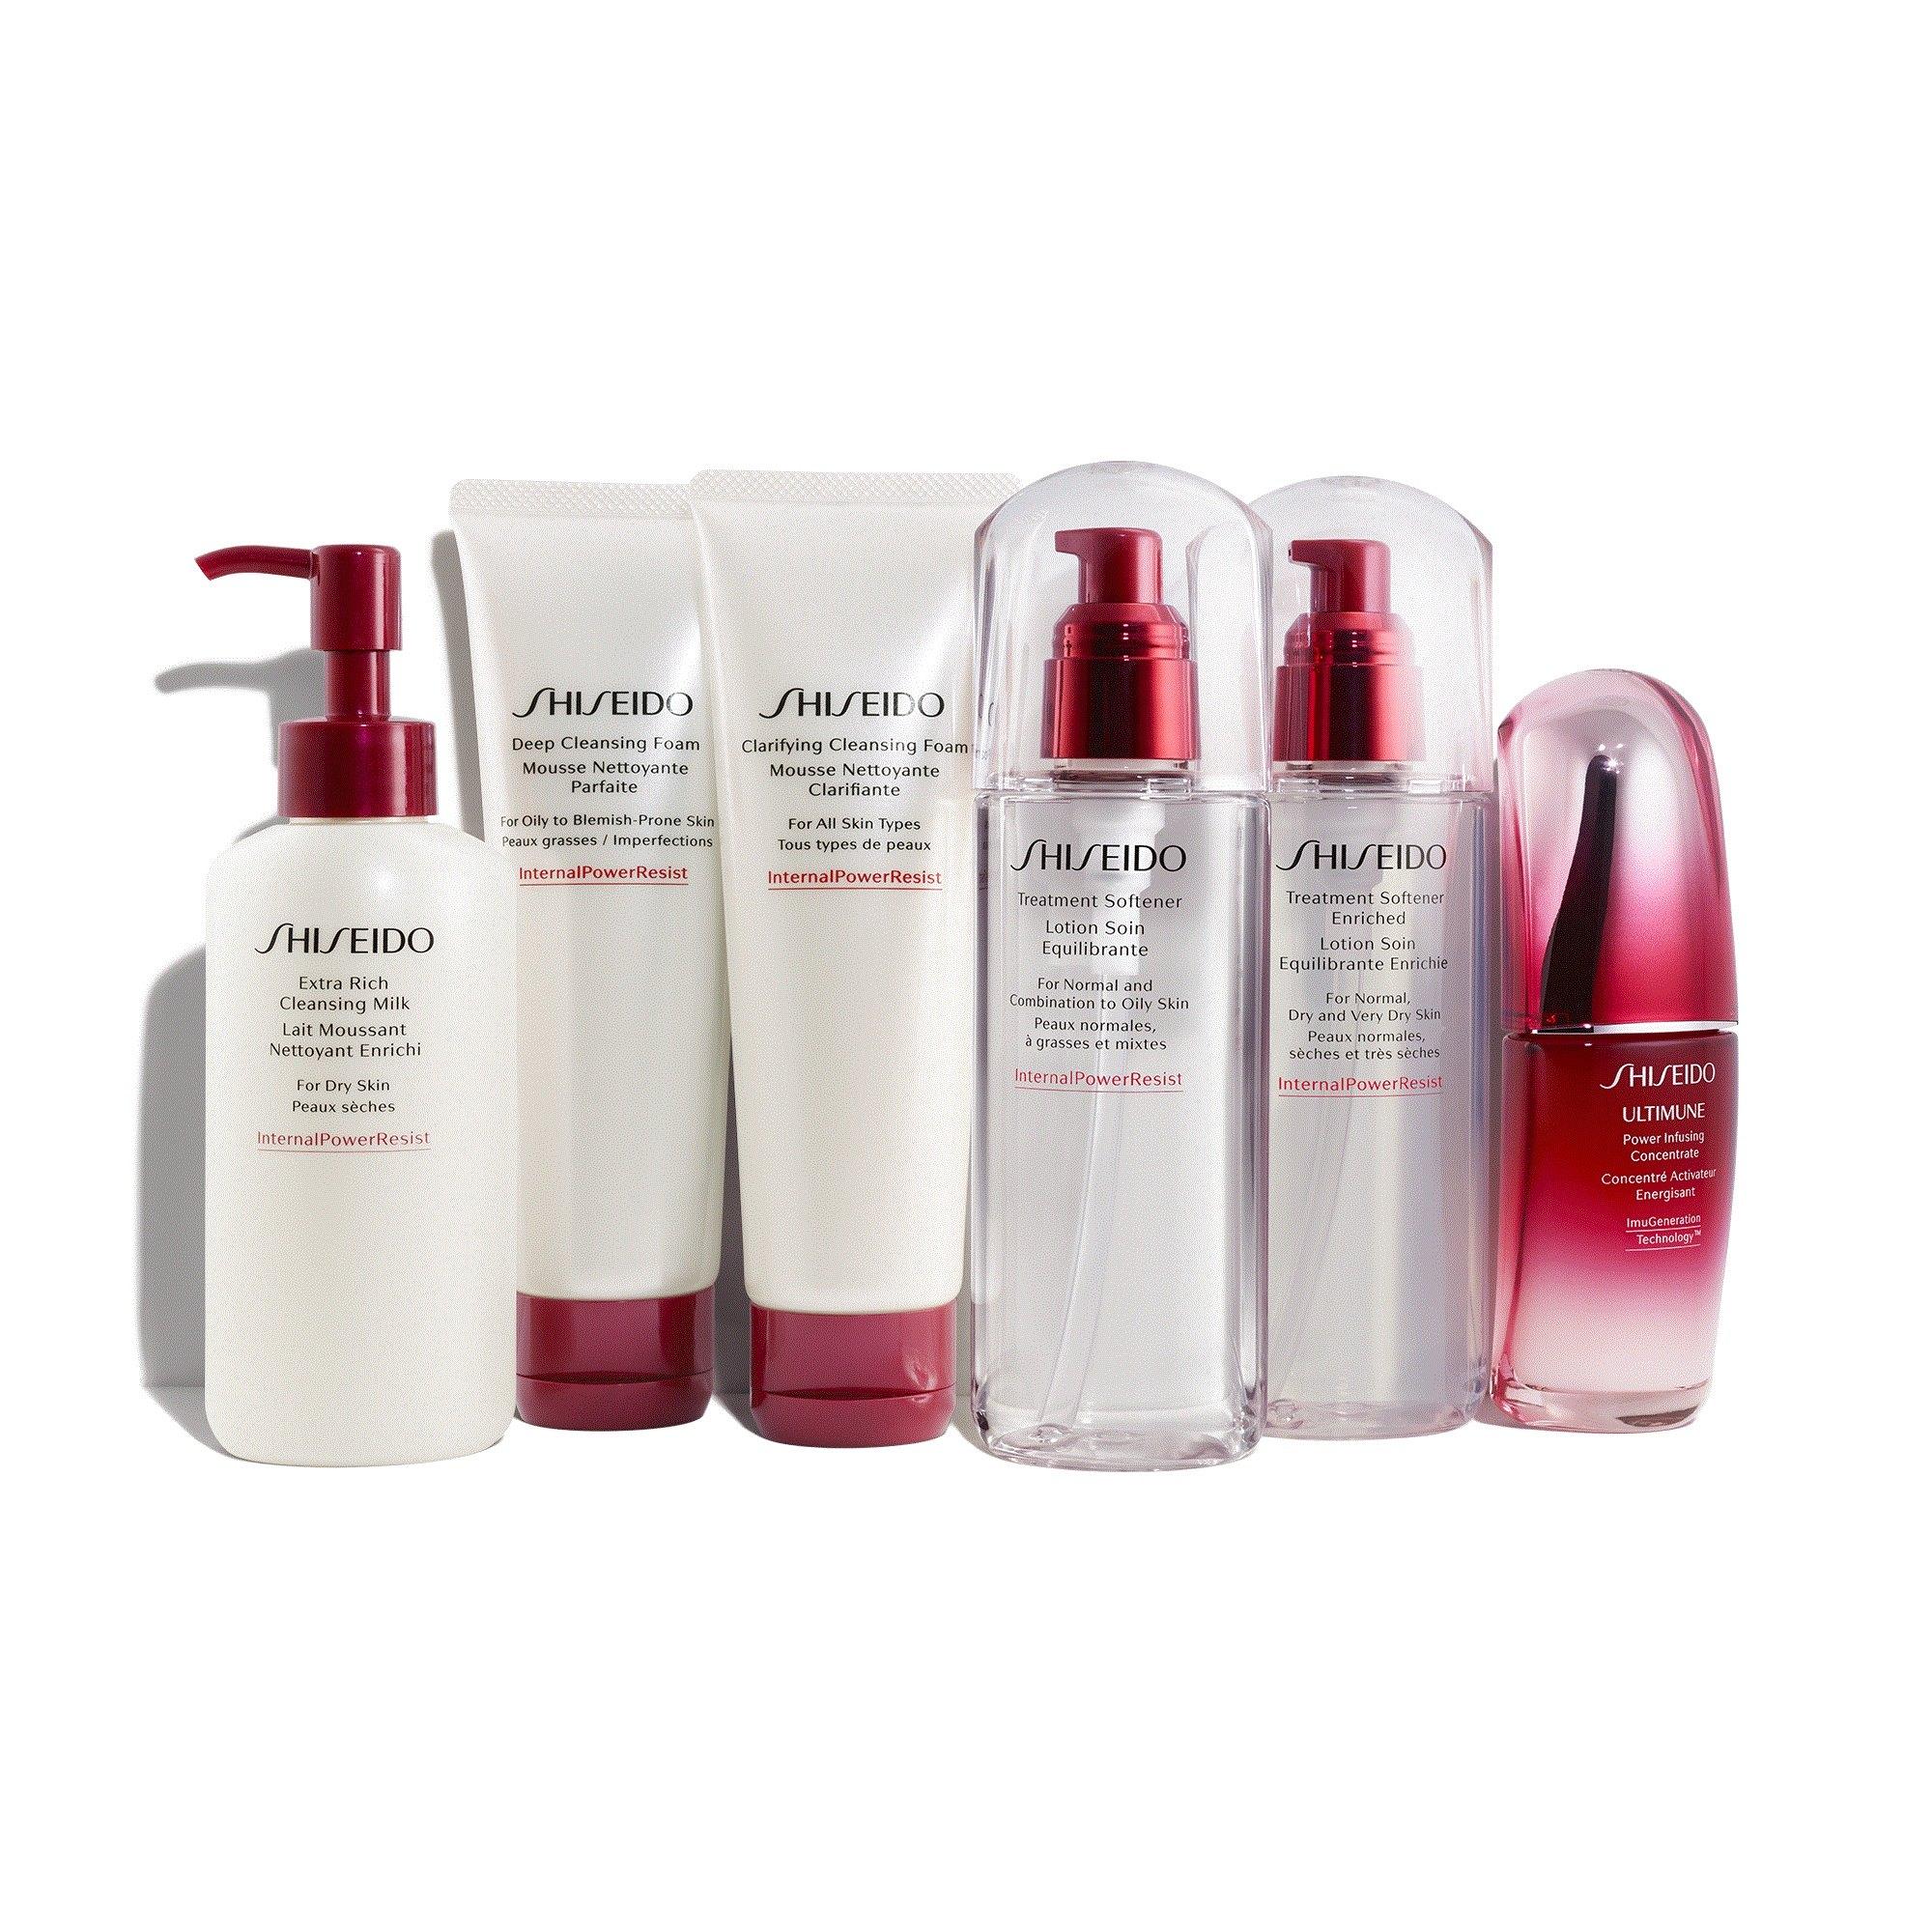 Bon-plan-Shiseido-Japanese-Beauty-Station-elisa-les-bons-tuyaux-3.jpg